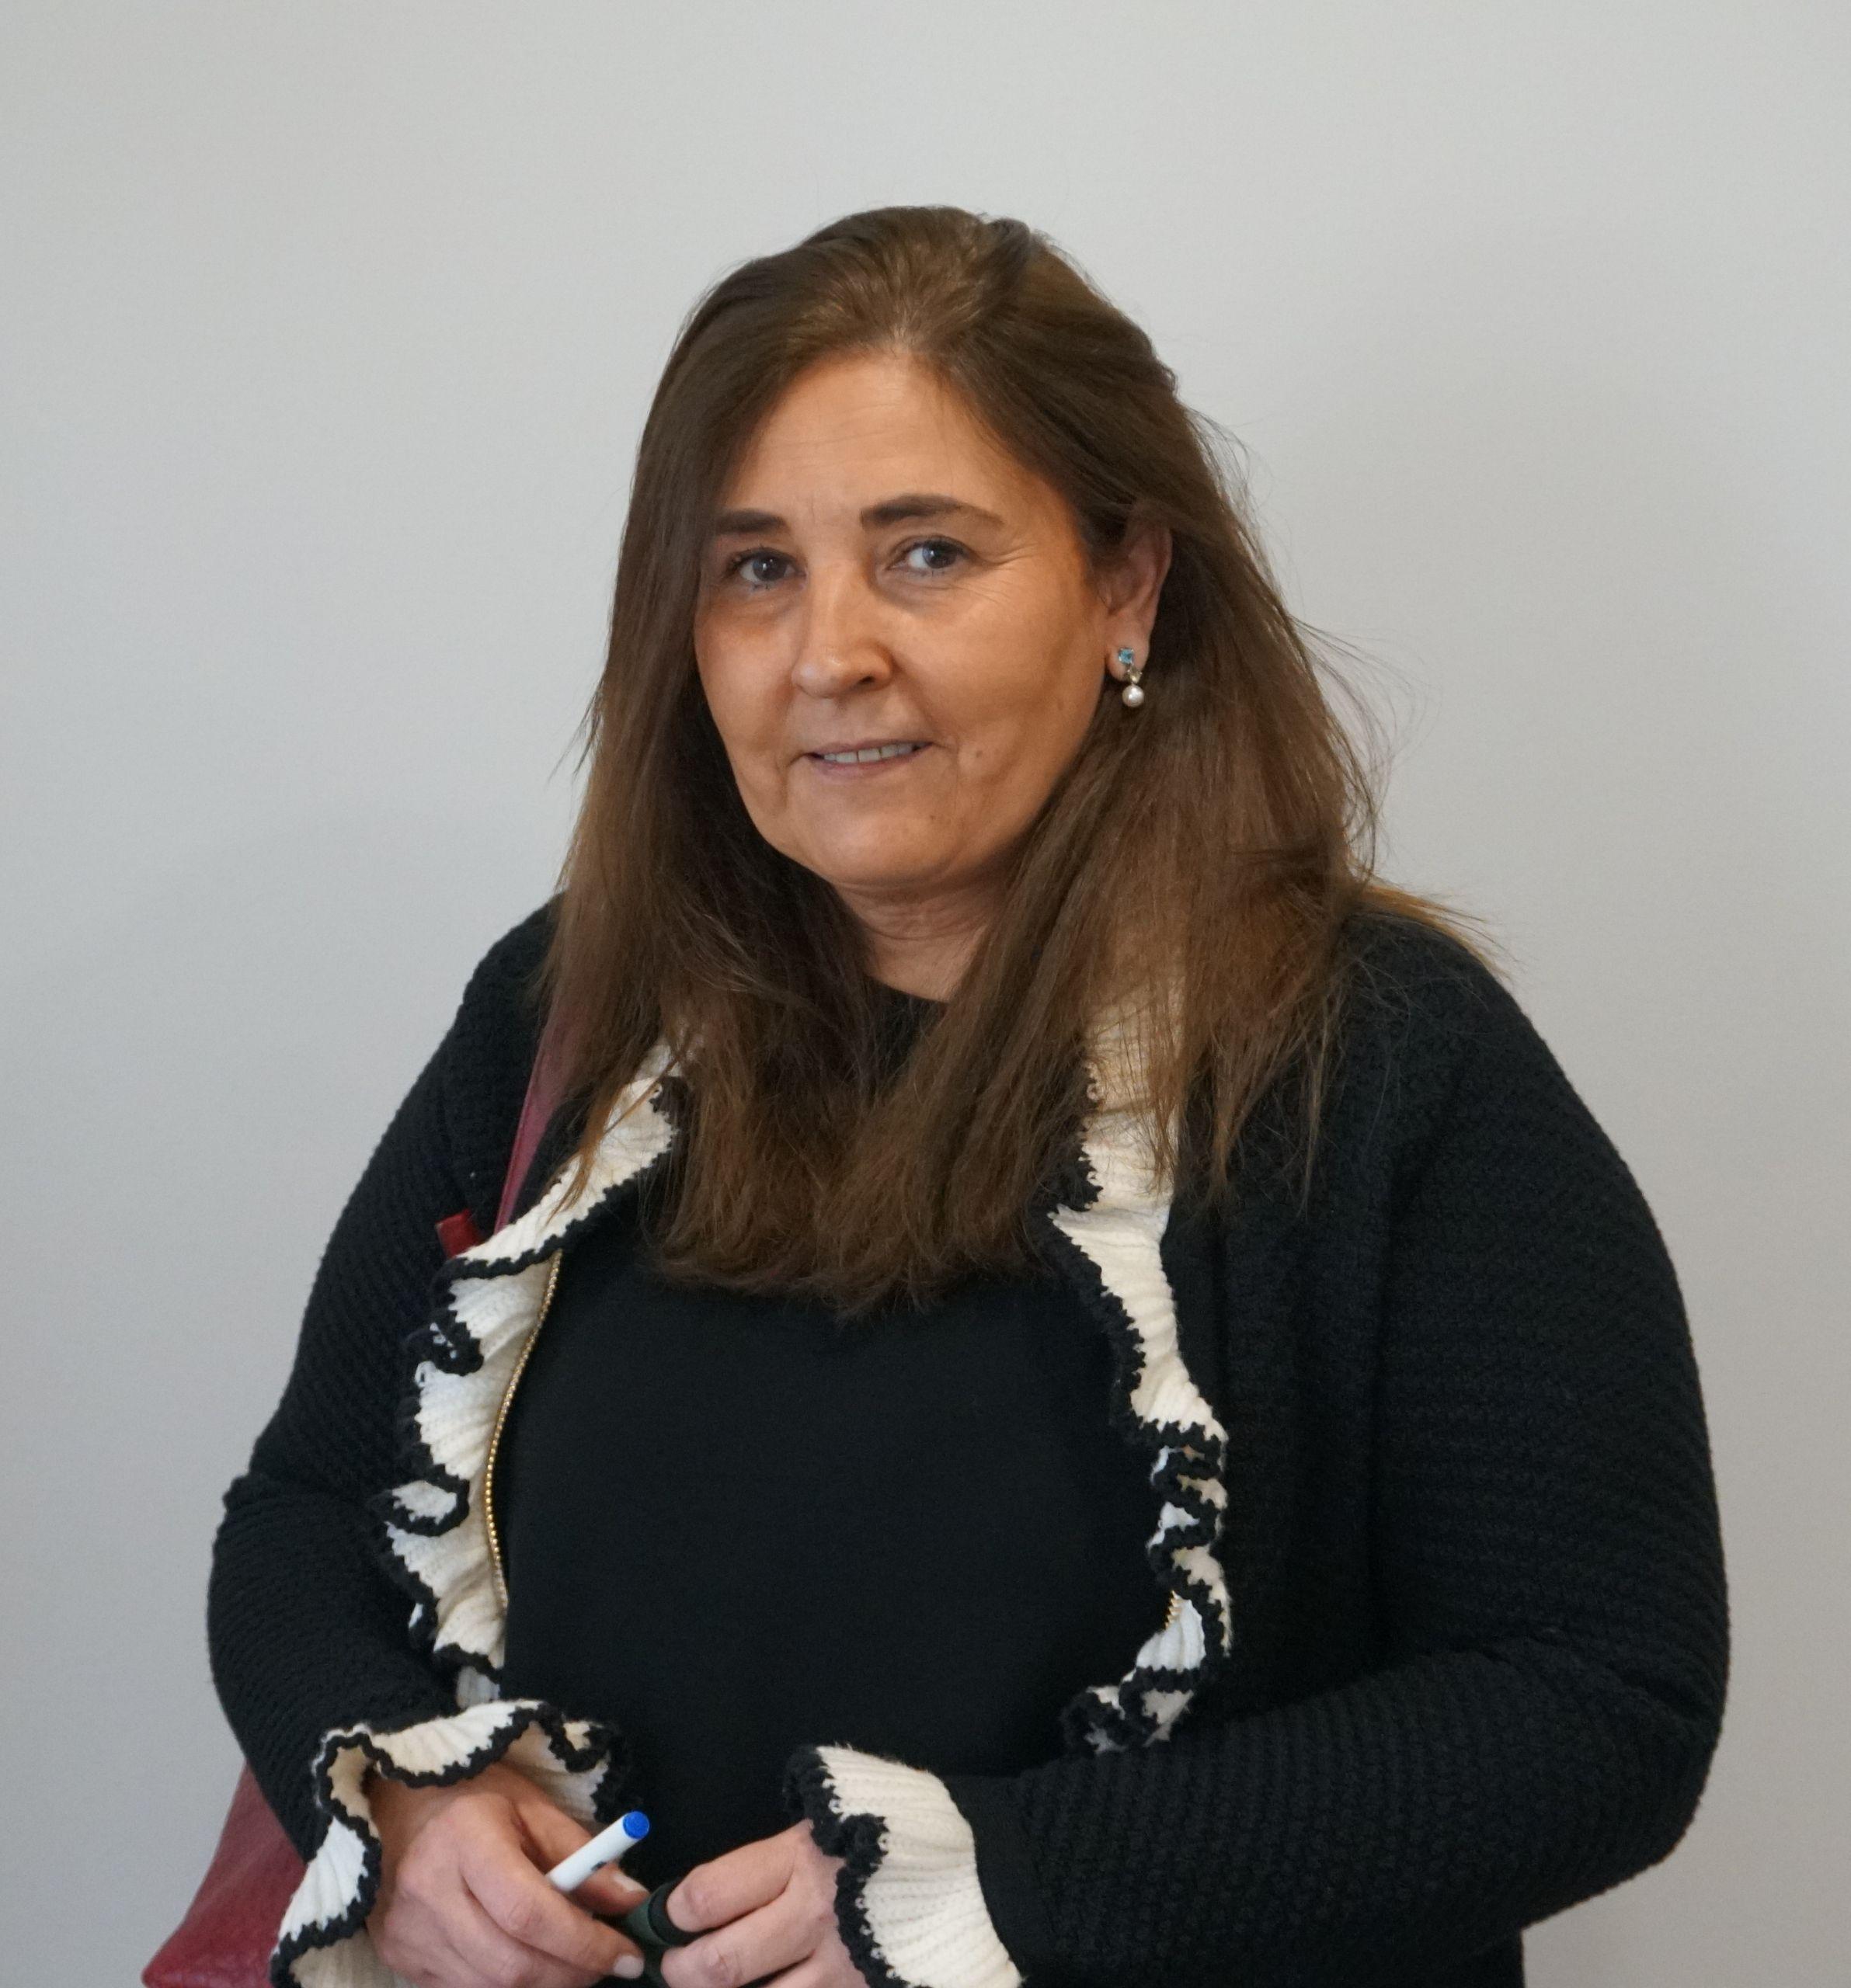 Amelia Fernández-Pacheco